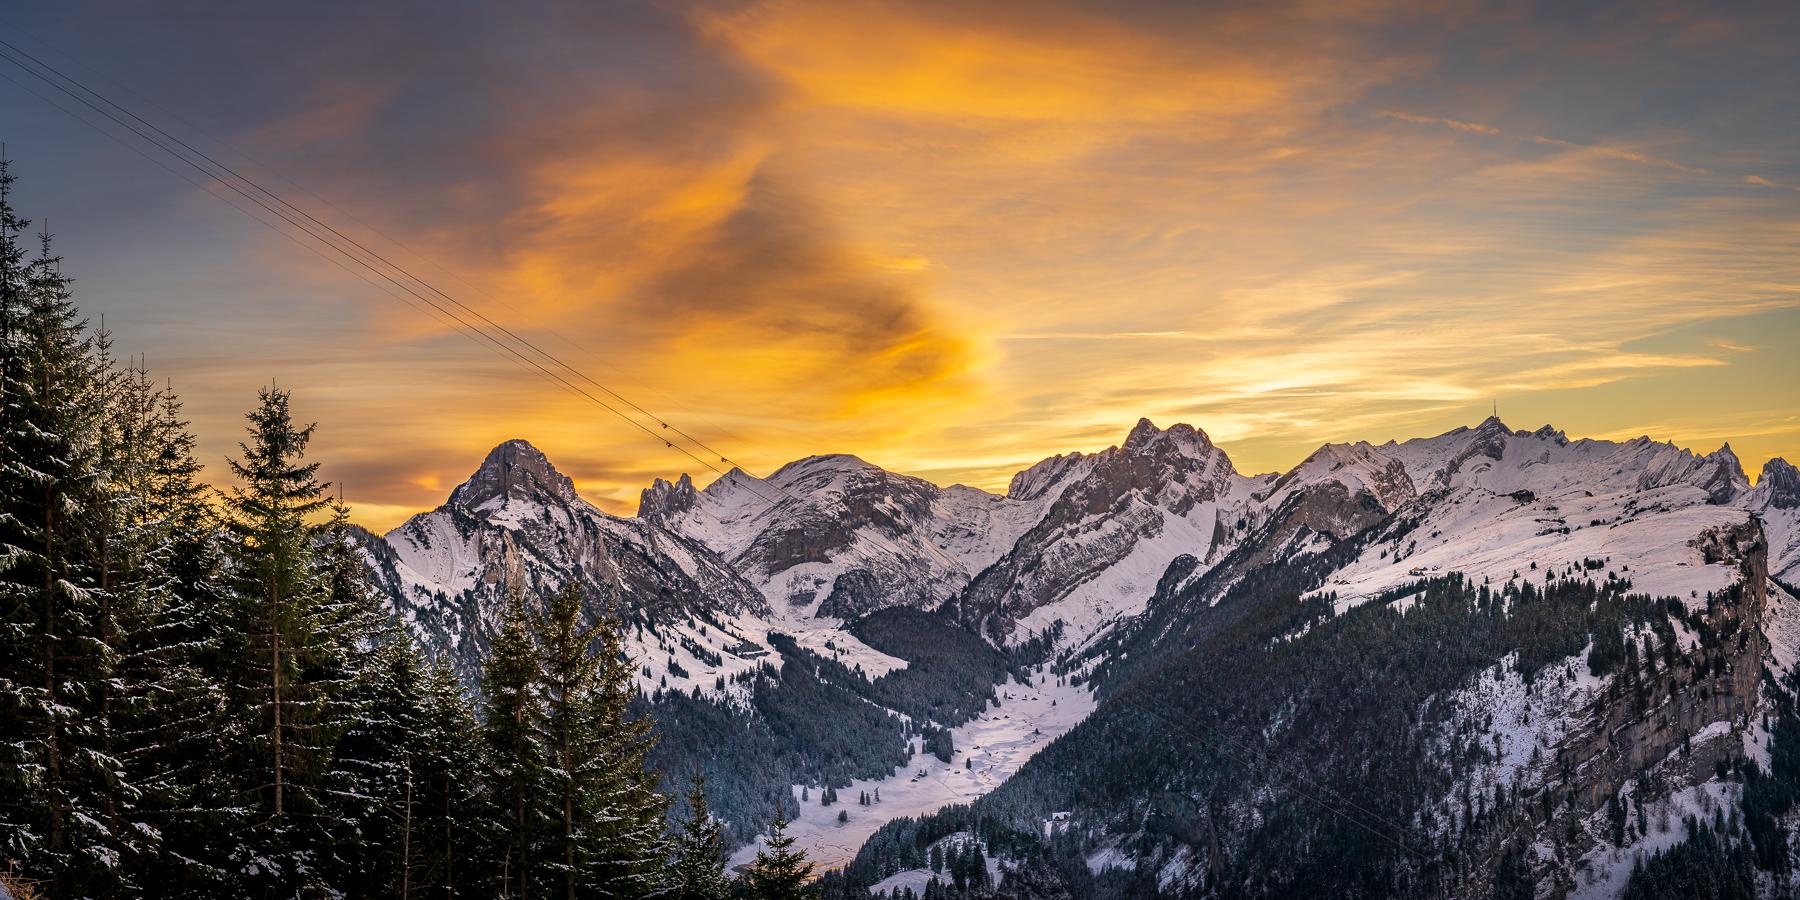 Bild Nr. 2020_9462: Verschneiter Alpstein im Abendrot